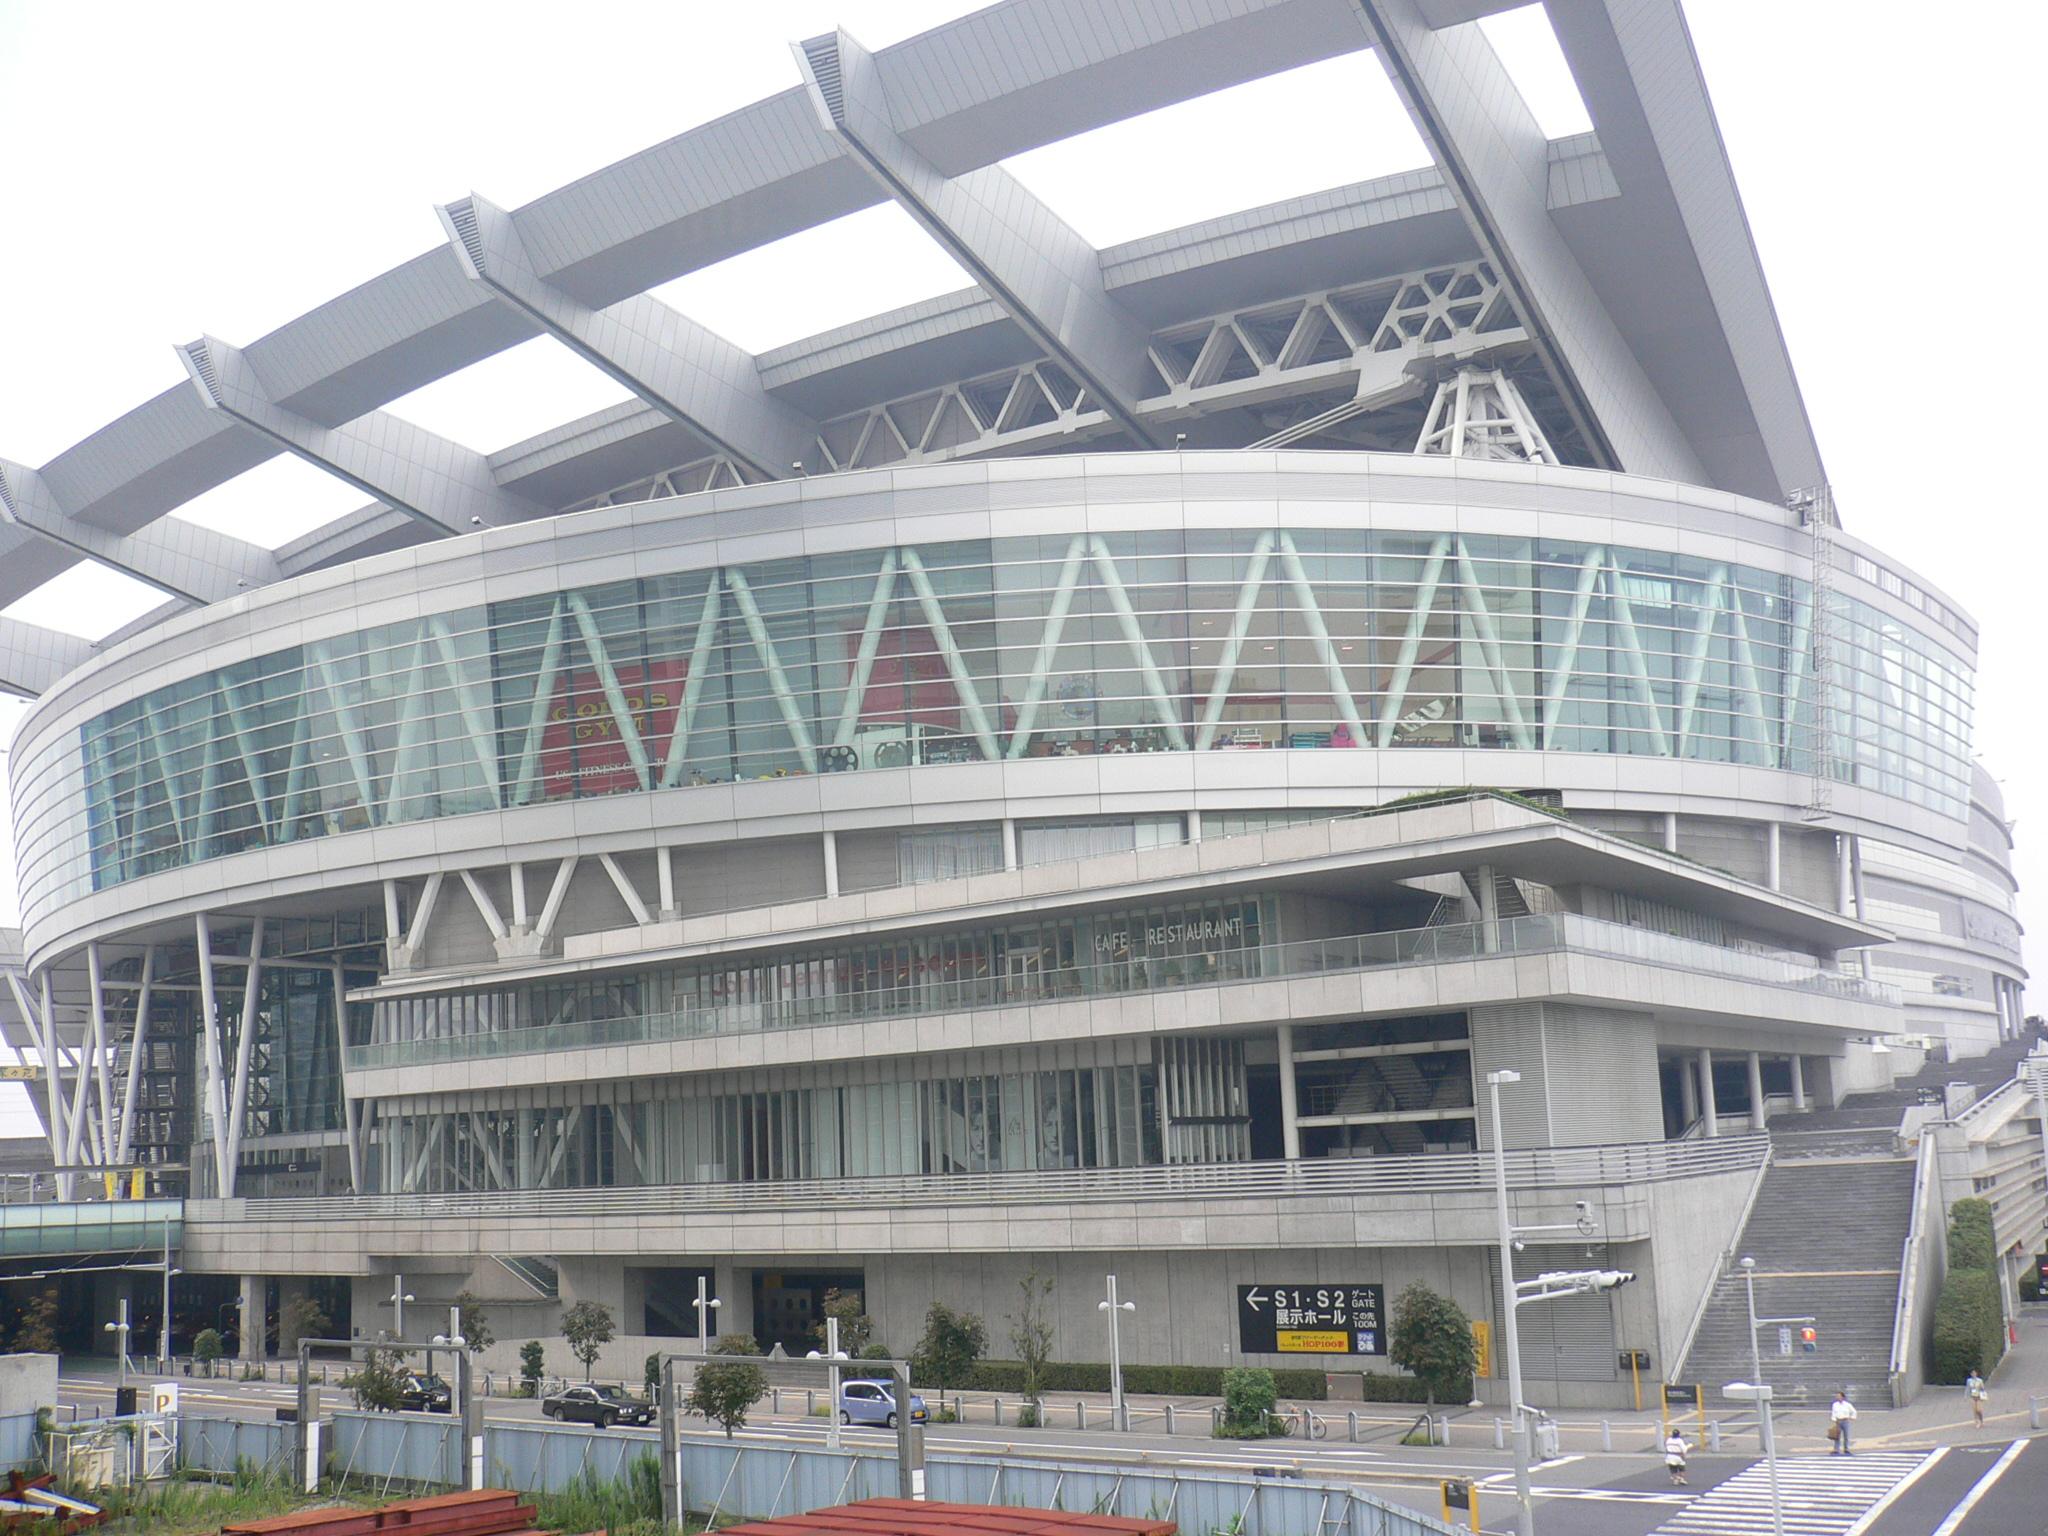 Saitama Super Arena 2005 9 11 1 アフィロック2015にヘブラカエラも参戦します。場所・日程・時間・申込みはコチラ